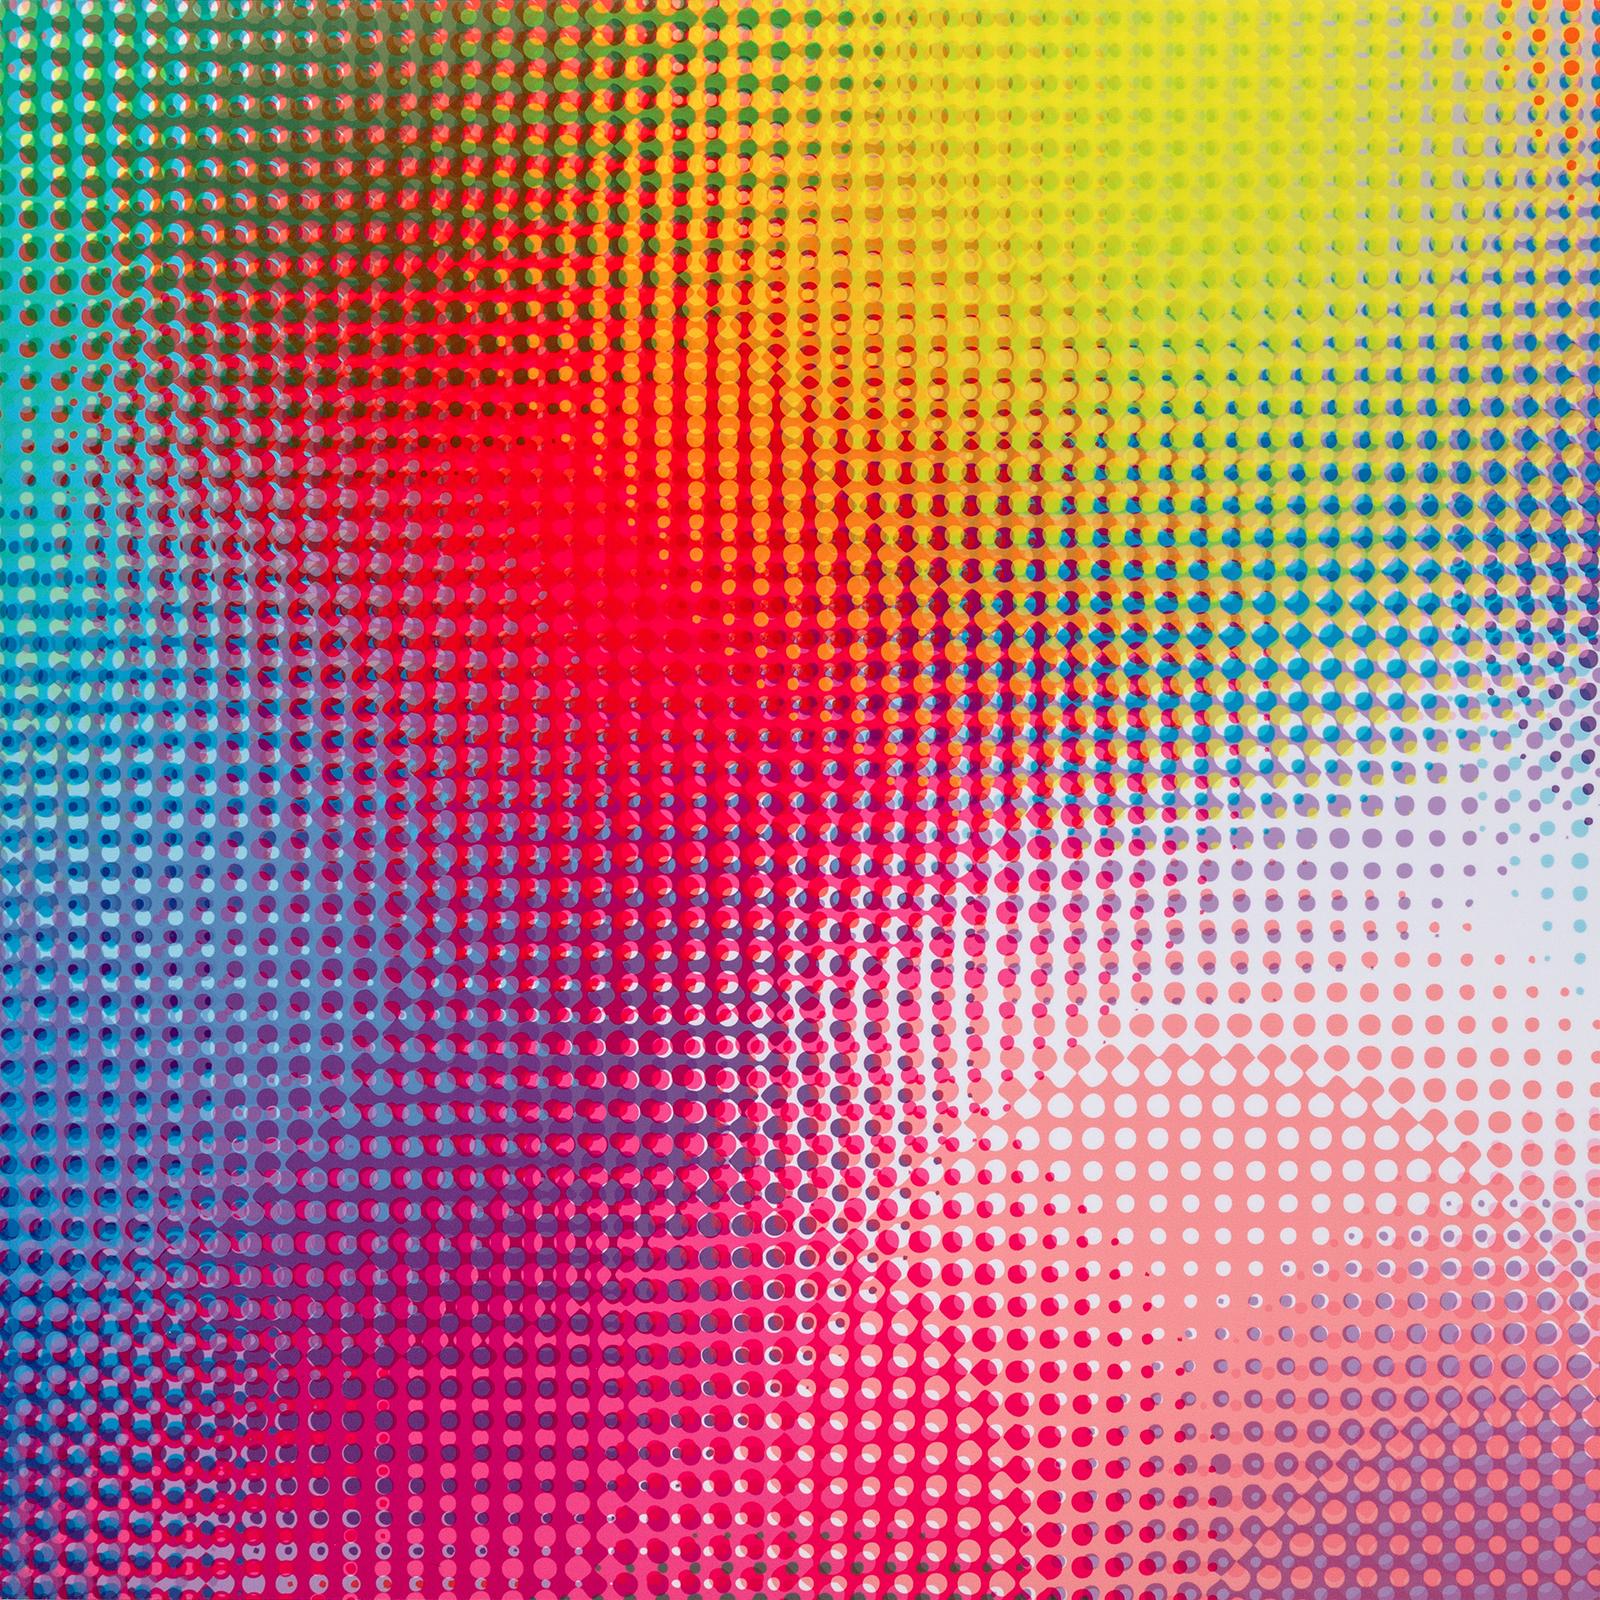 MICHEL DEBULLY, Color fusionem 35, 2018, Subligraphie auf Aluminium, 50x50cm